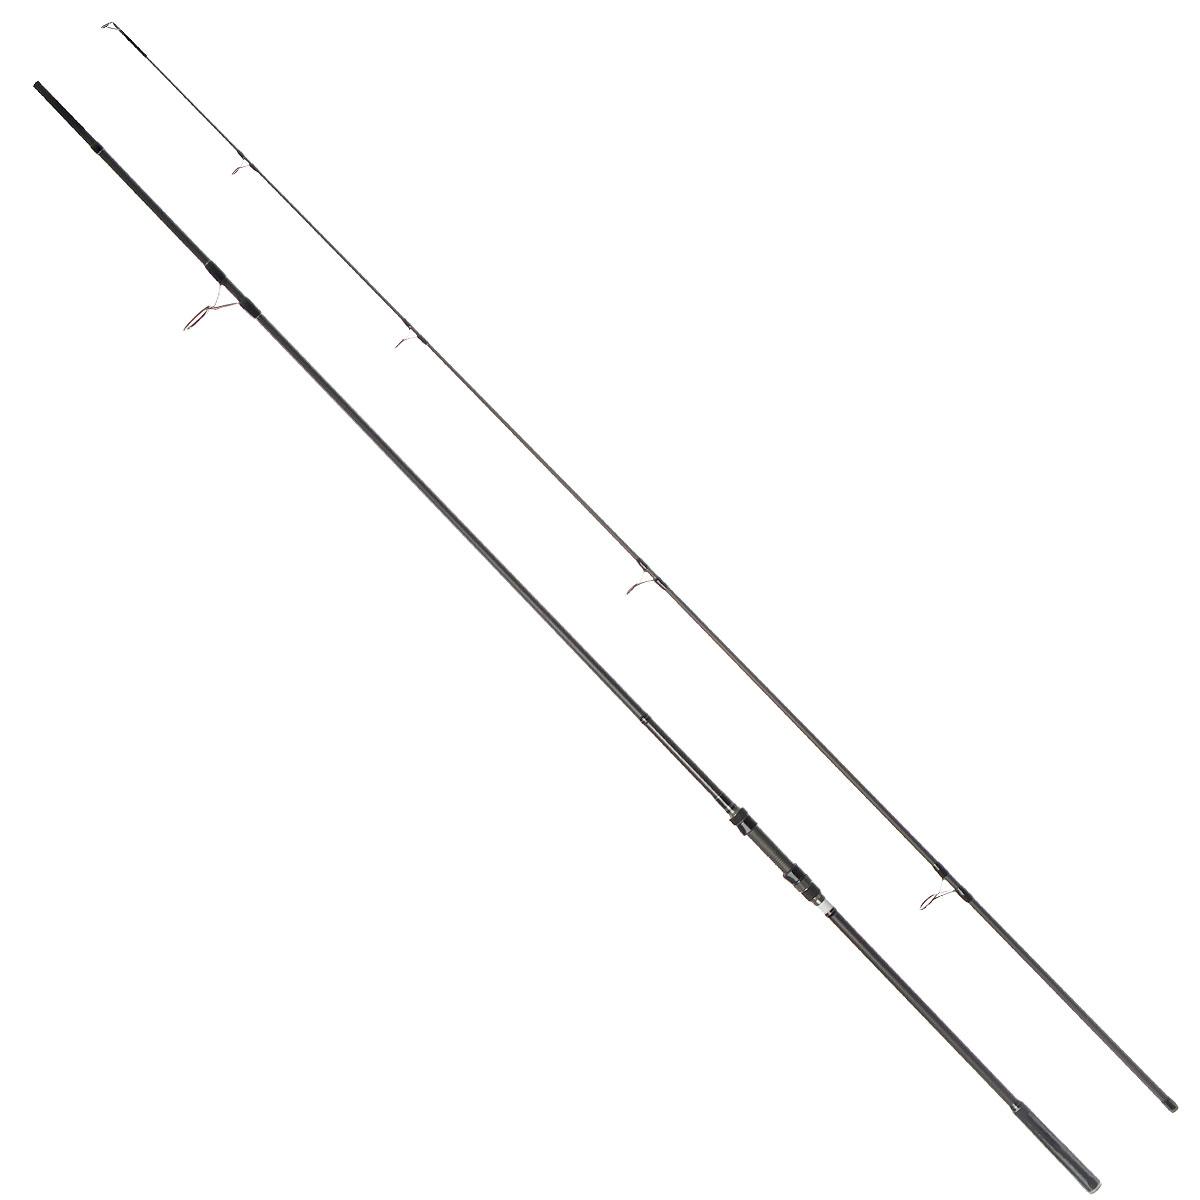 Удилище карповое Daiwa Windcast Carp, 3,9 м, 3,75 lbs13964Daiwa Windcast Carp - это высококлассное карповое удилище с феноменальными рабочими характеристиками.Особенности удилища:Бланки из высокомодульного графита обеспечивают высокую чувствительность и мощность. Армирующая графитовая оплетка по всей длине. Надежный катушкодержатель от FujiПропускные кольца со вставками Sic. Флуоресцентная полоска с подсветкой специально для ночной ловли.Поставляется в чехле для переноски и хранения.Тест: 3,75 lbs.